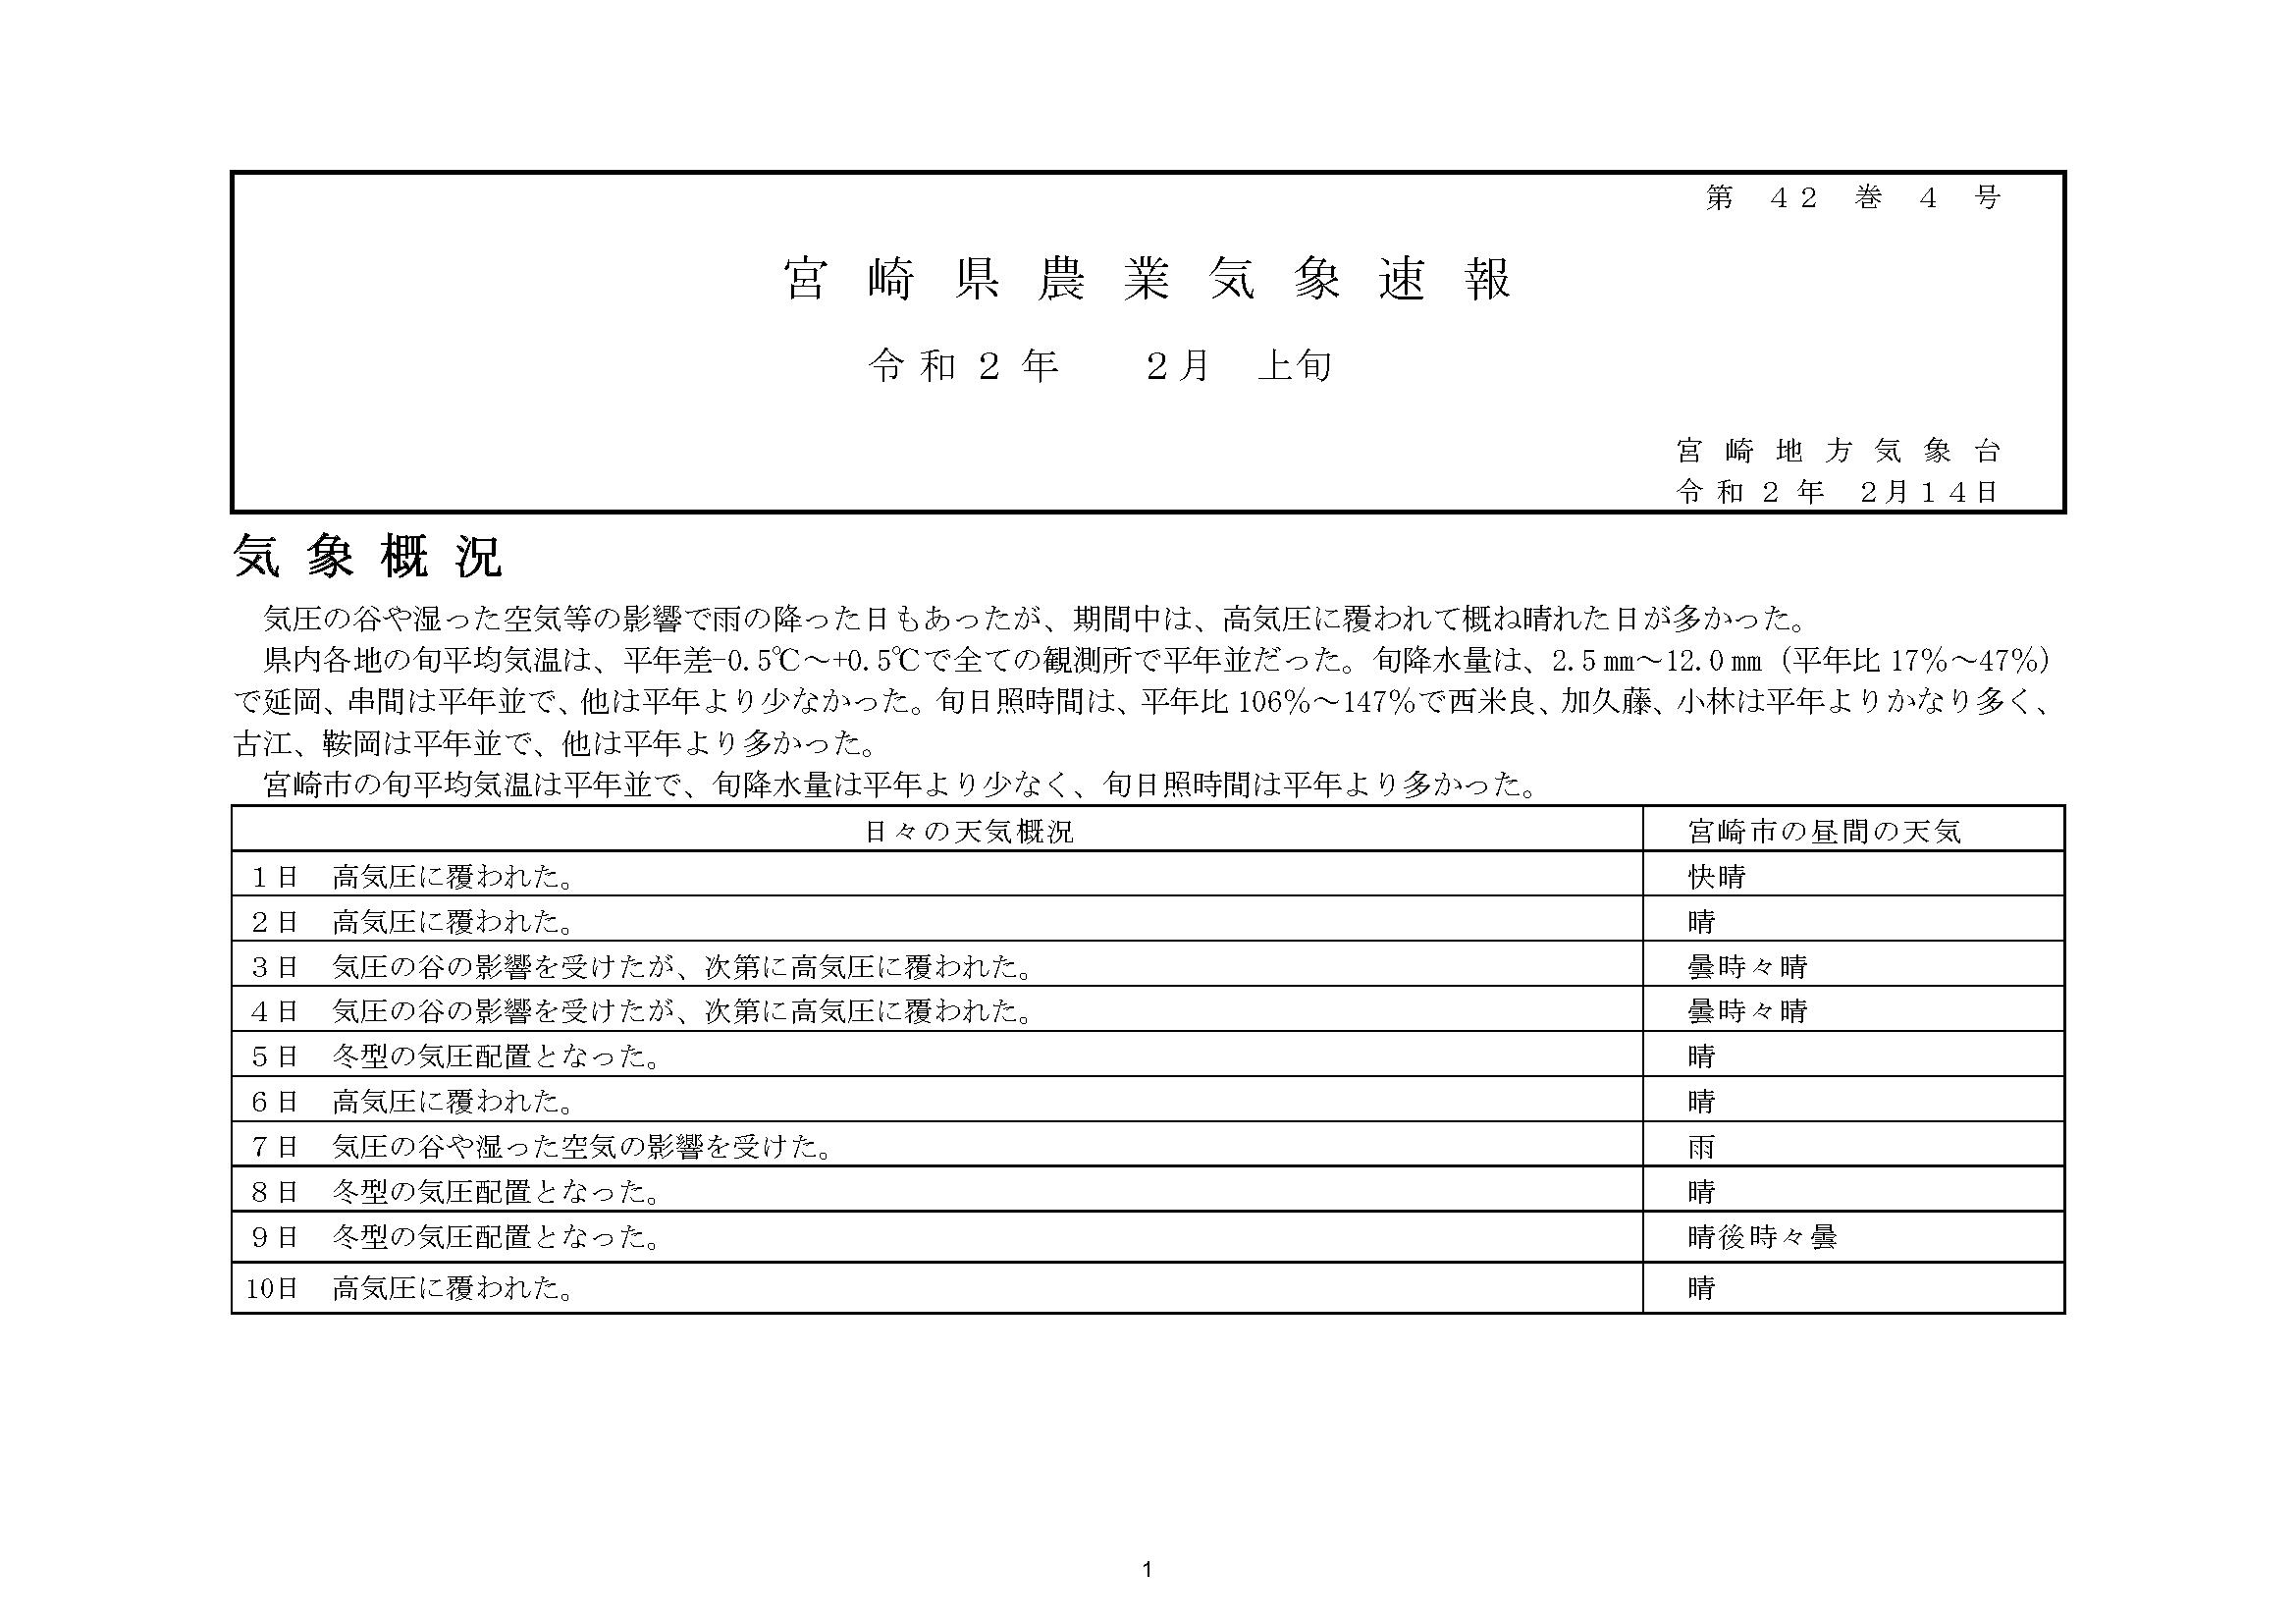 宮崎県農業気象速報令和2年2月上旬PDF